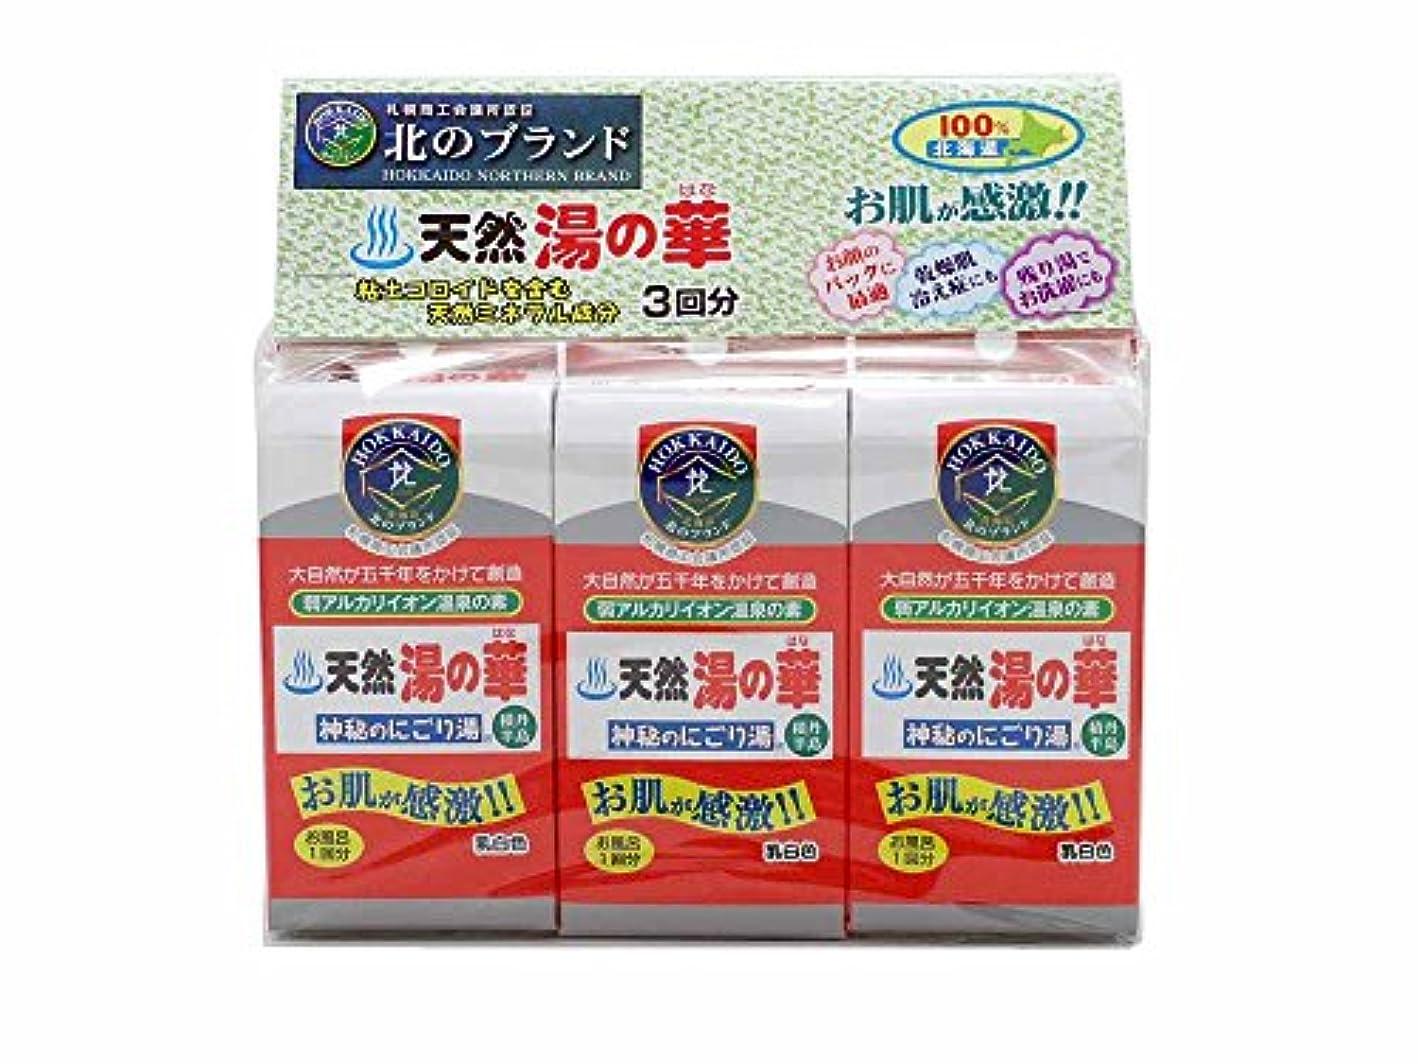 老朽化した何十人も前部【100%北海道】天然湯の華 3回分無添加